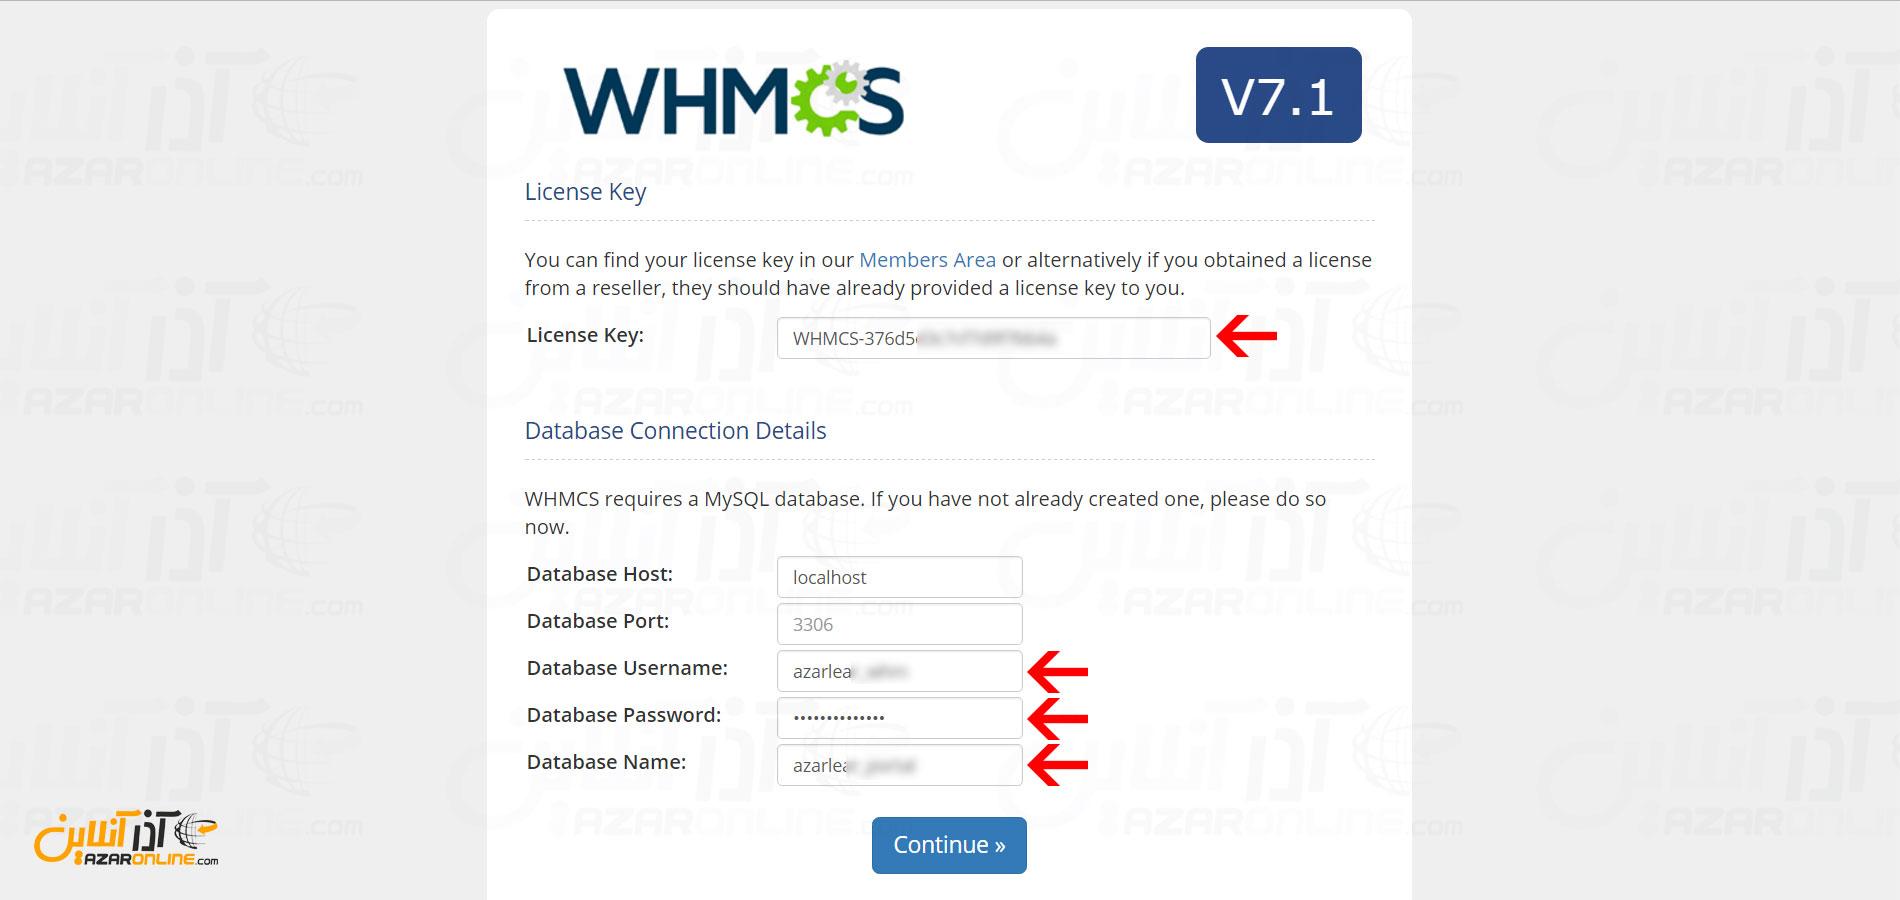 آموزش نصب whmcs - وارد کردن لایسنس و اطلاعات دیتابیس